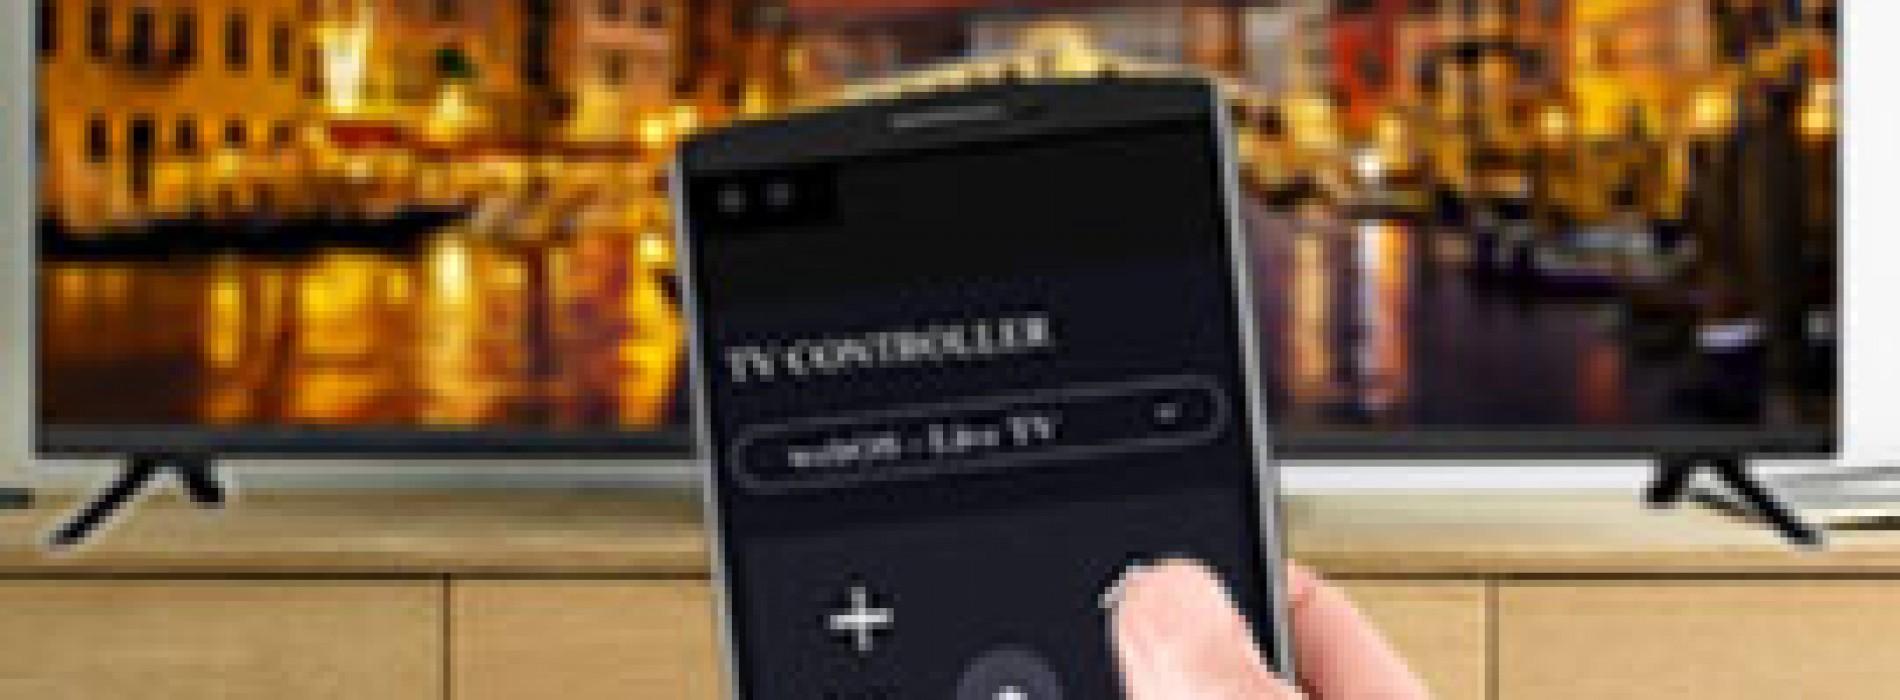 Crean aplicación para controlar TV con un Smartphone